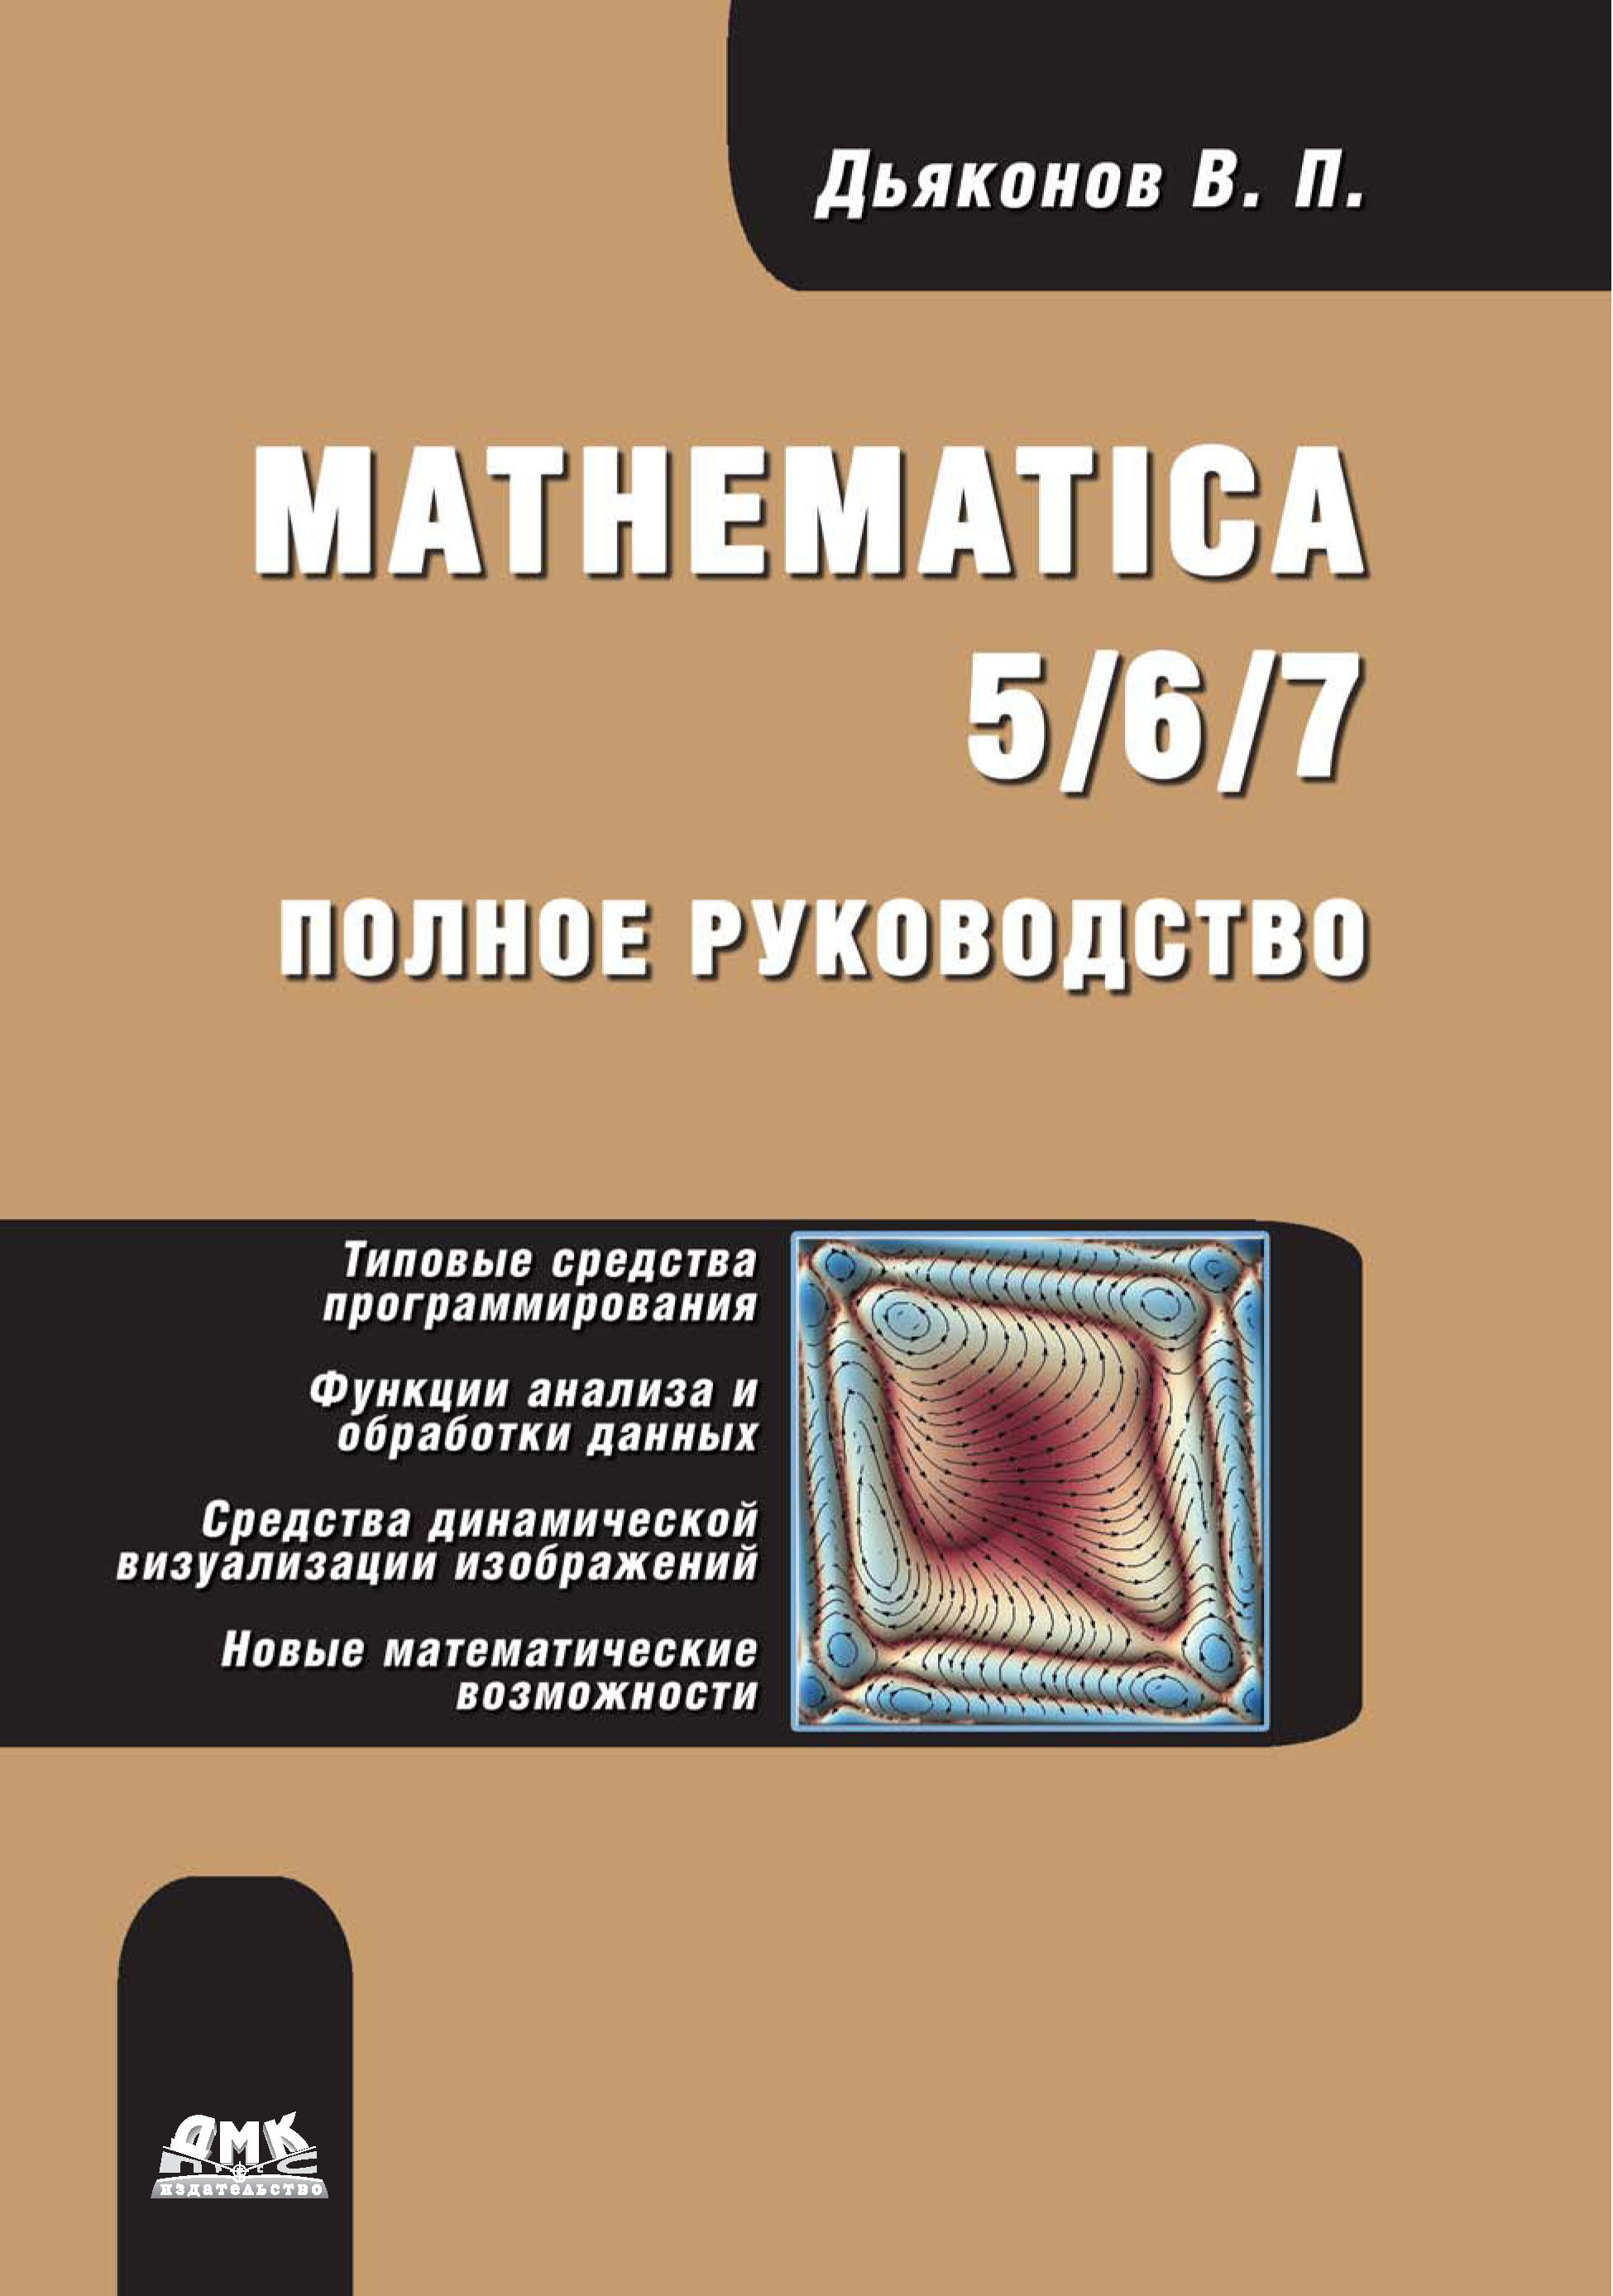 В. П. Дьяконов Mathematica 5/6/7. Полное руководство в п дьяконов mathematica 5 6 7 полное руководство